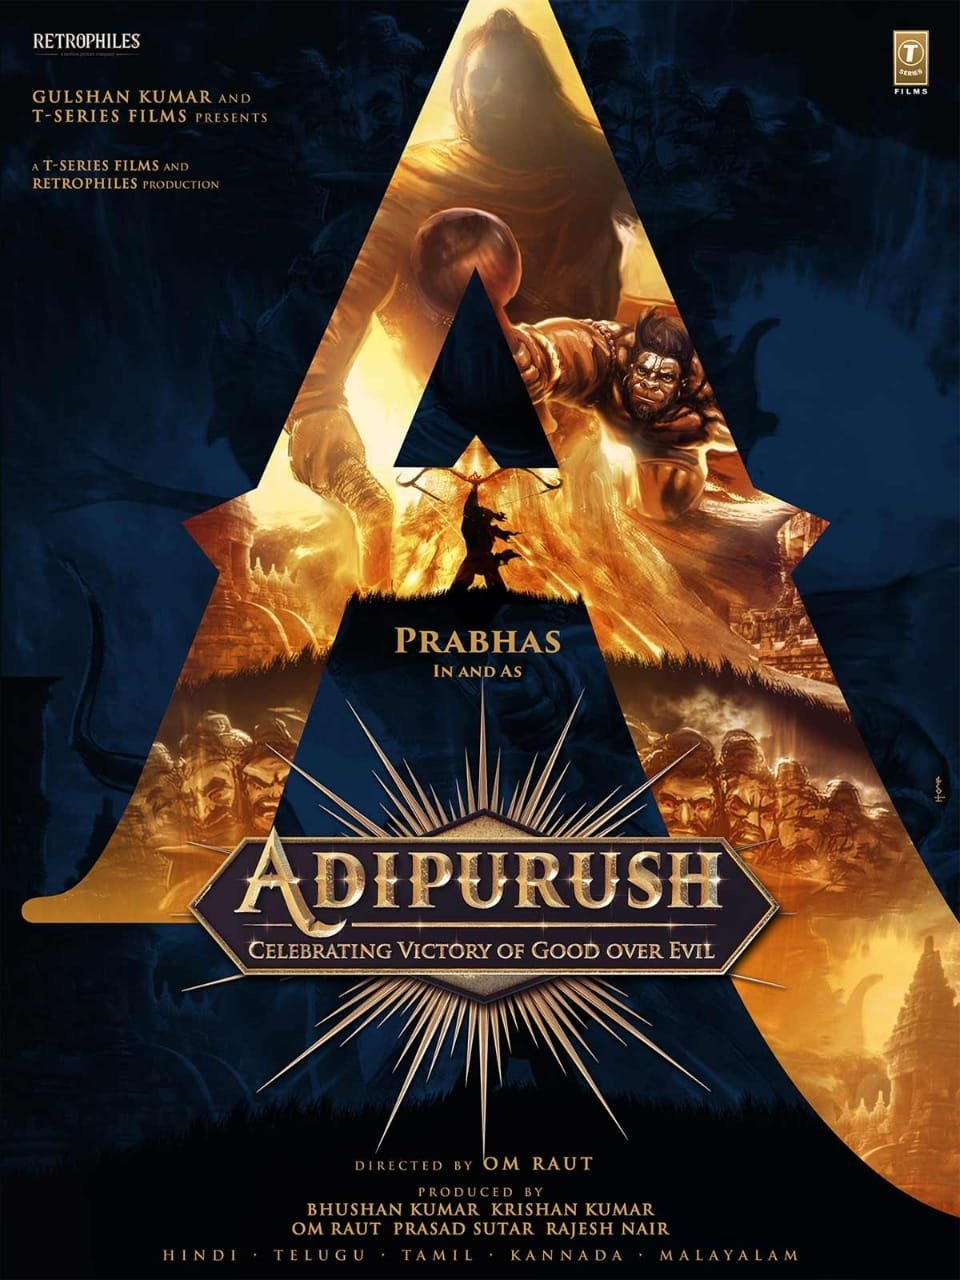 ADIPURUSH MOVIE UPDATE